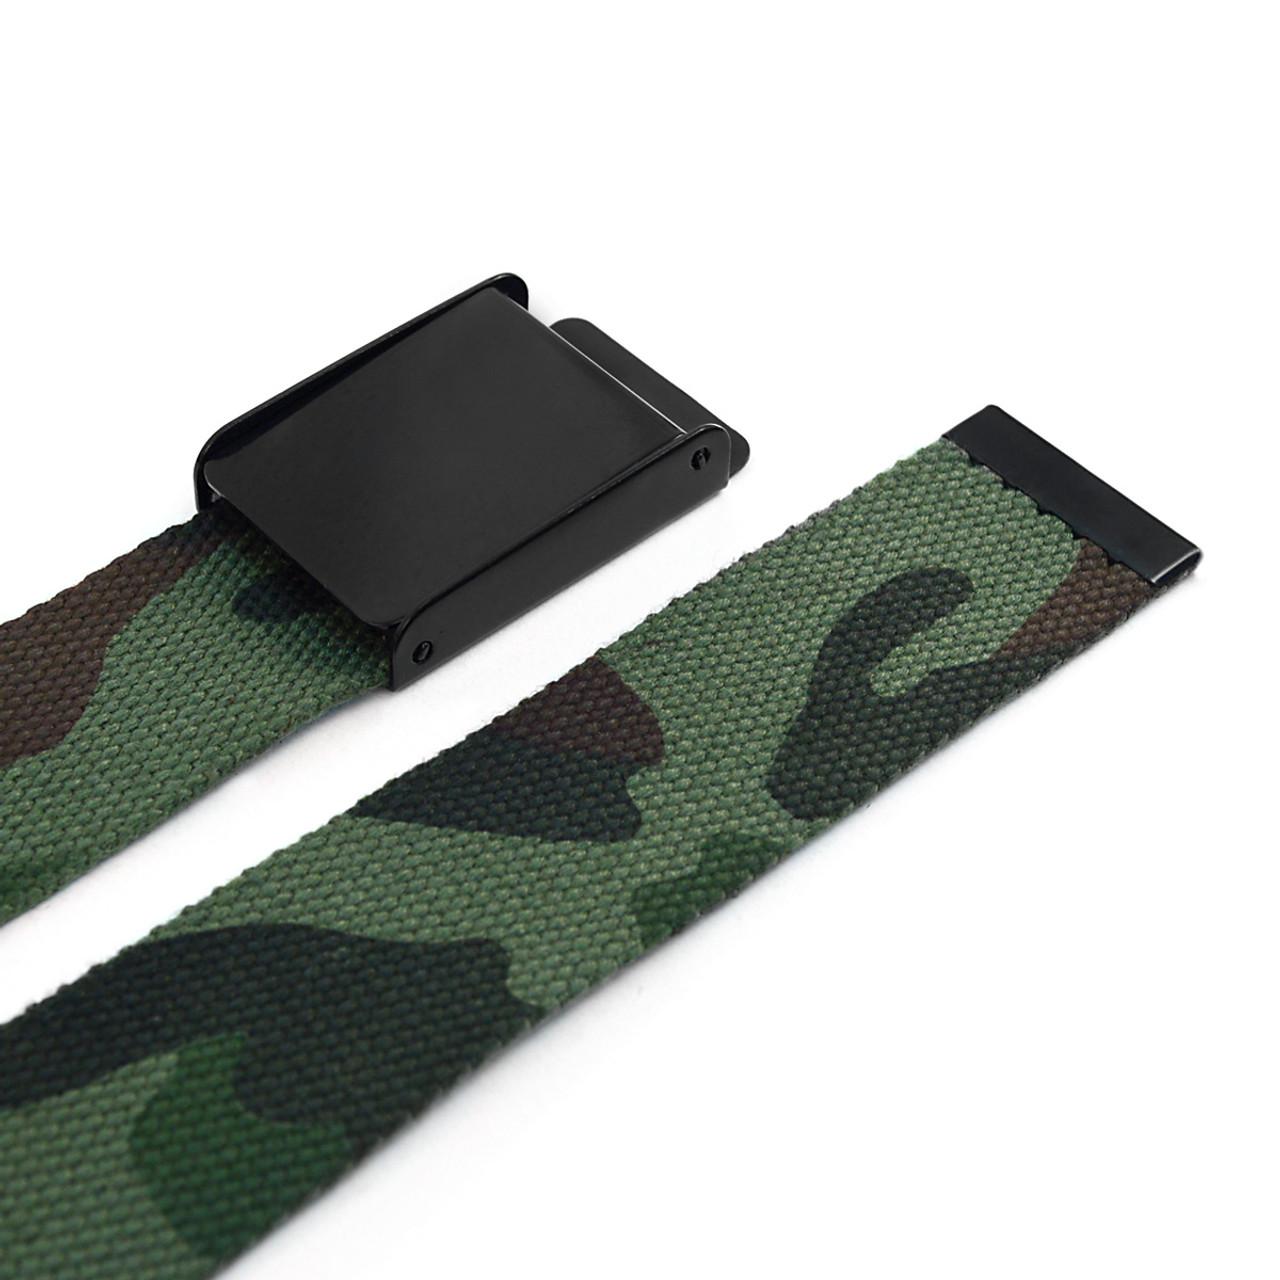 MILB3302 Flip to Buckle Miloitary Camo Canvas Belt